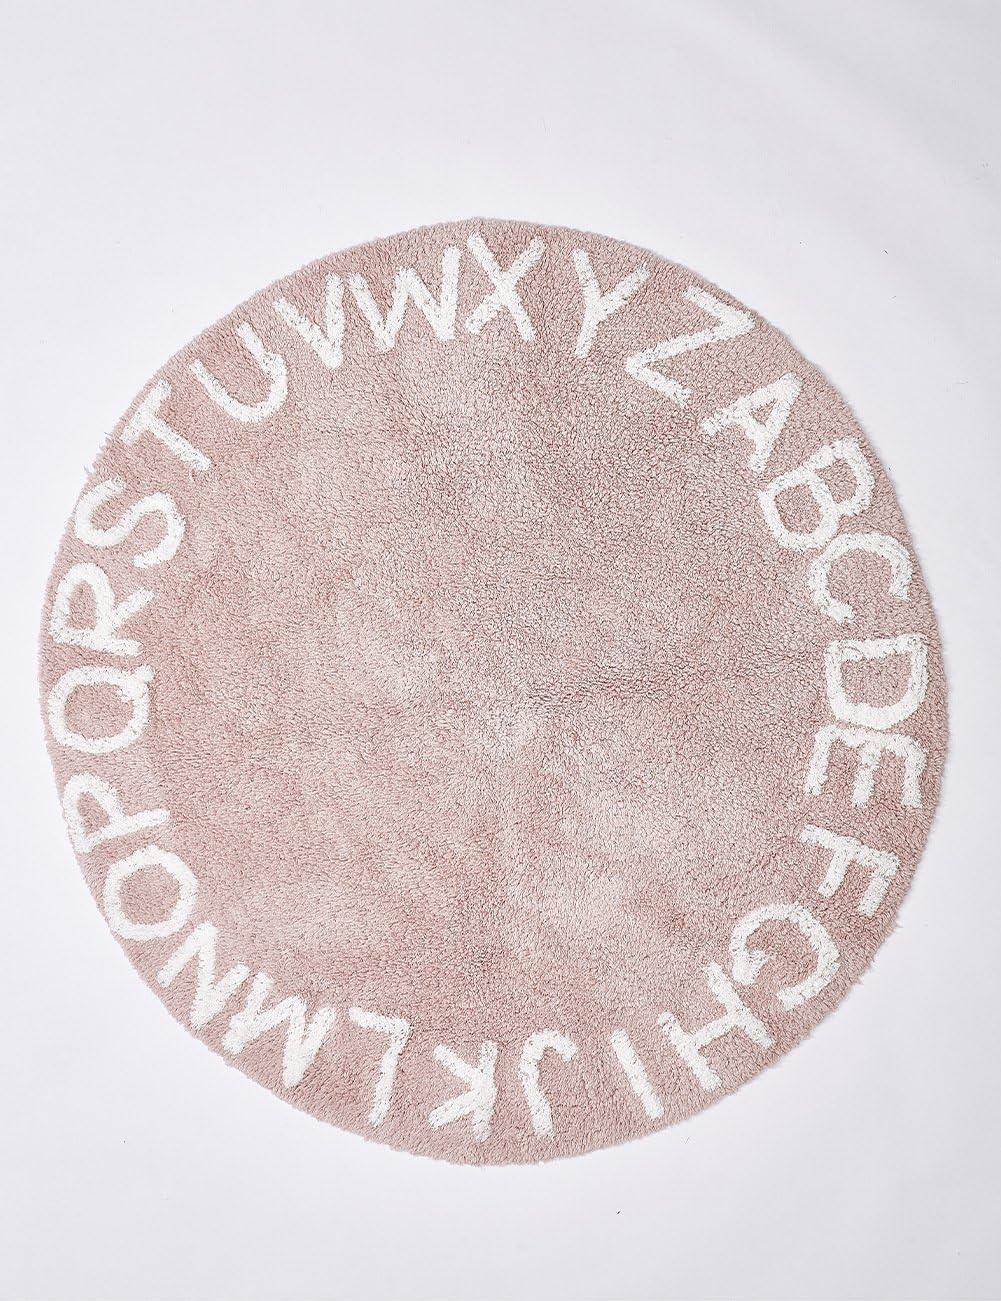 HPYR - Manta para bebé, 26 Letras, Alfombra Redonda de algodón, Alfombra para niños, Tienda de campaña, Alfombra Suave, diámetro 120 cm, Rojo, Rosa, Large: Amazon.es: Hogar